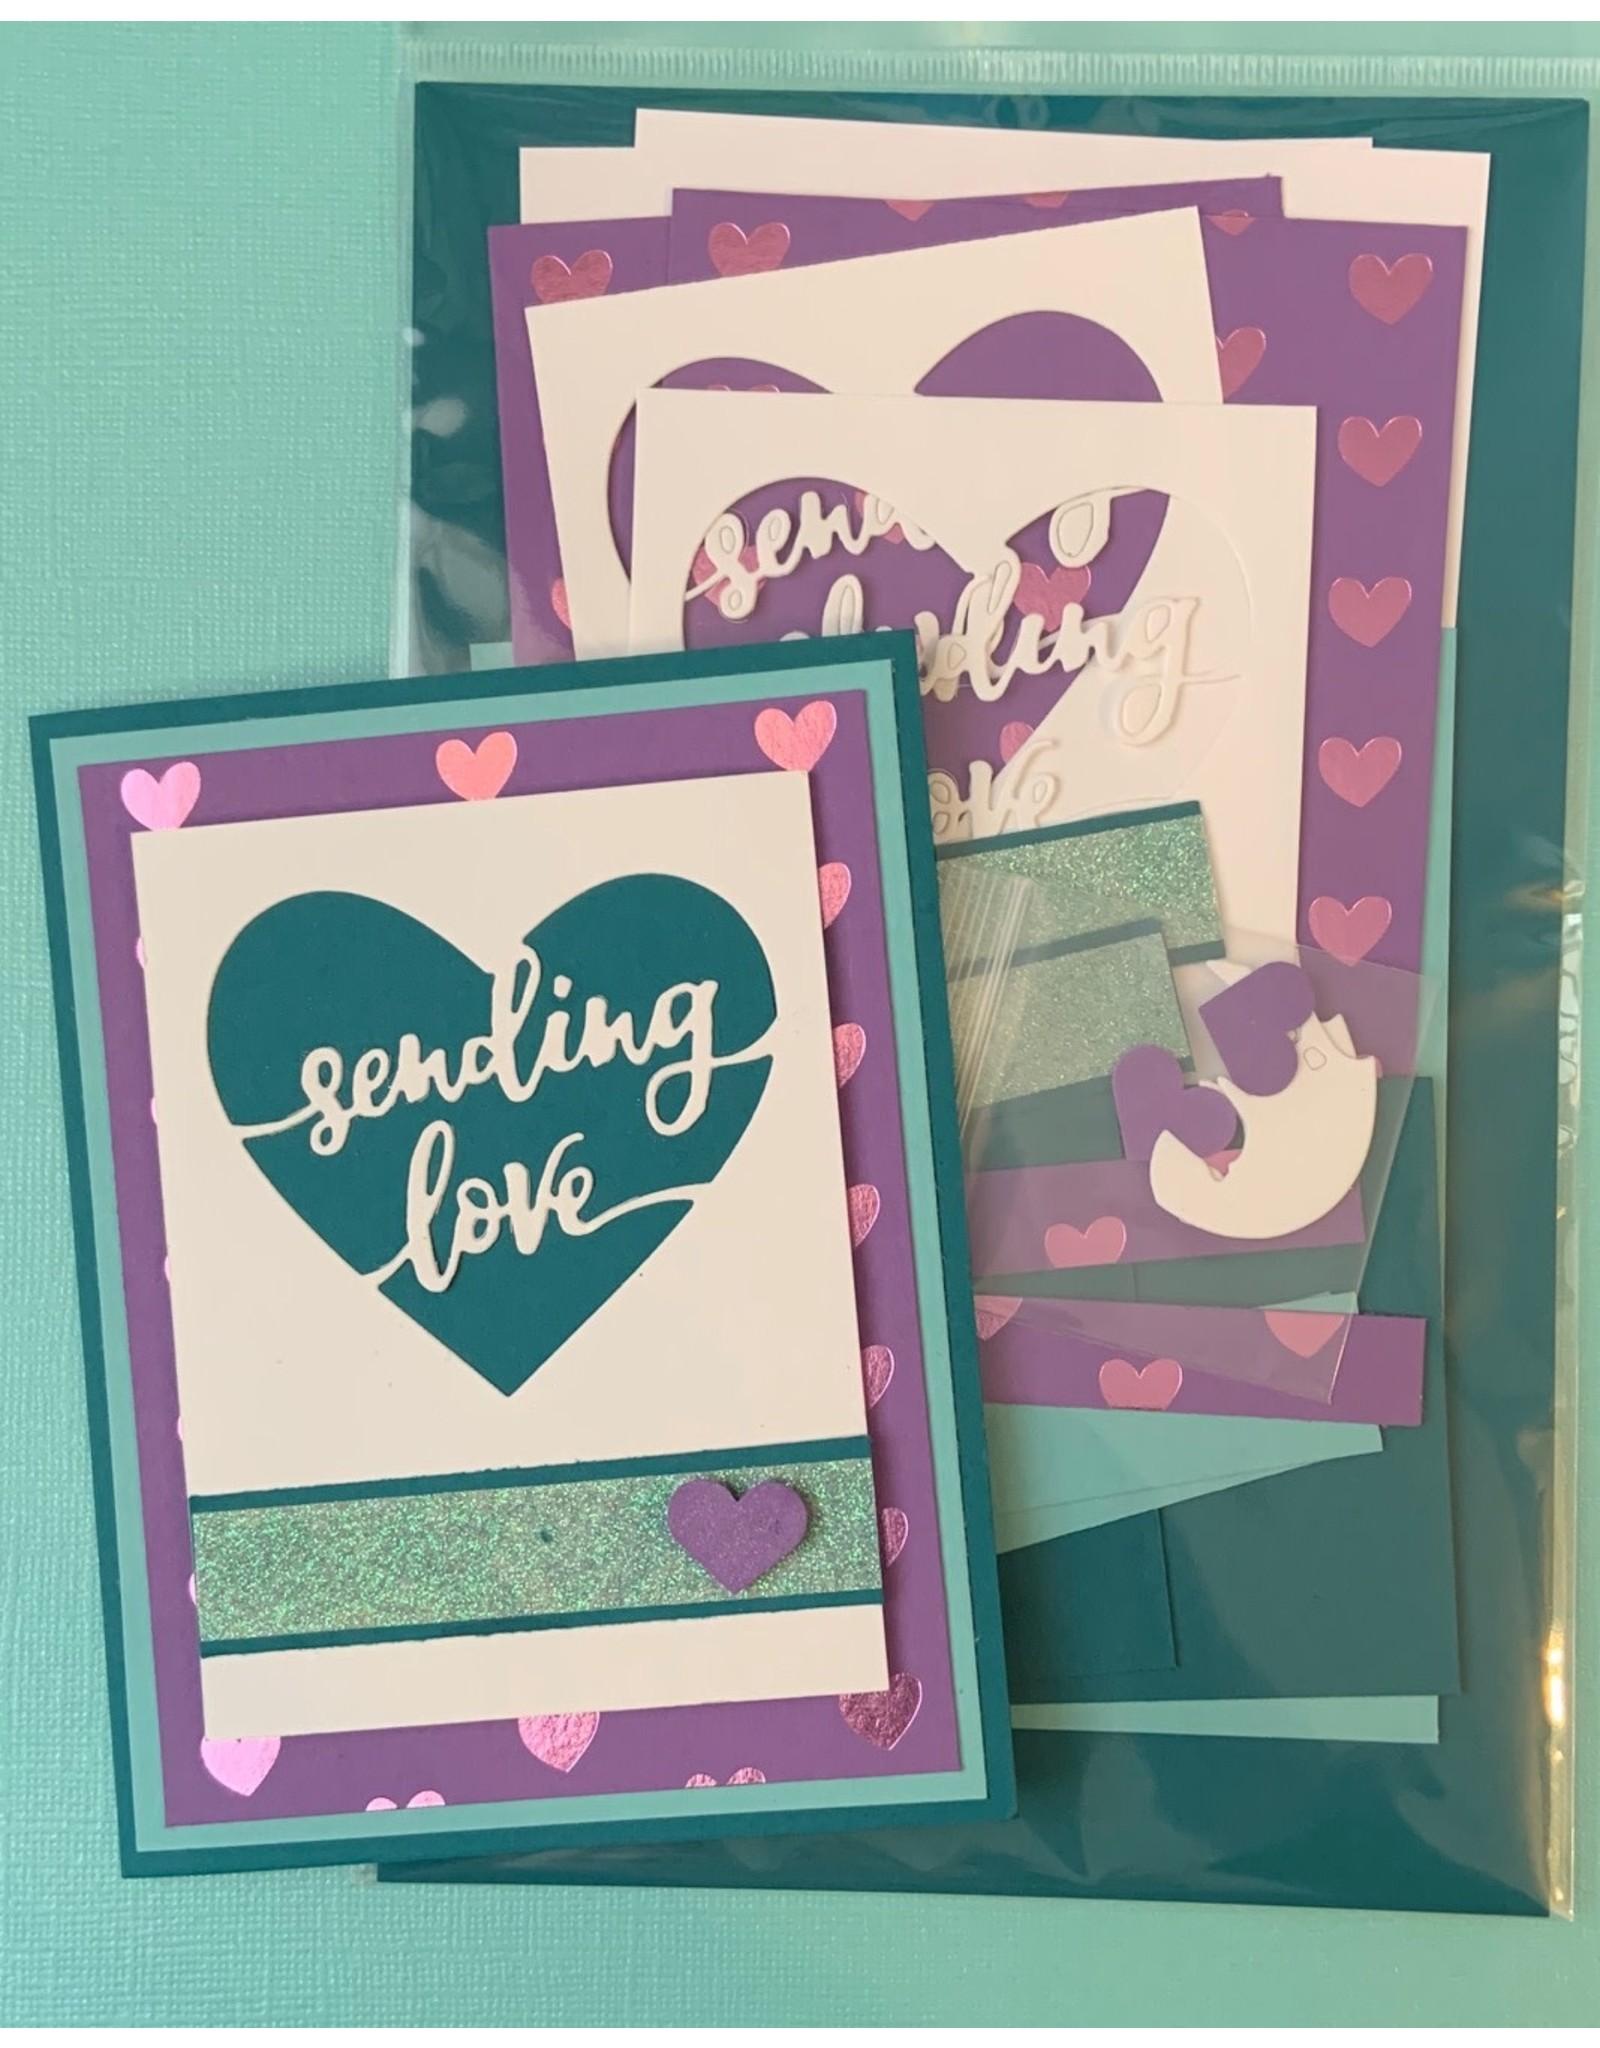 Sending Love Card Kit